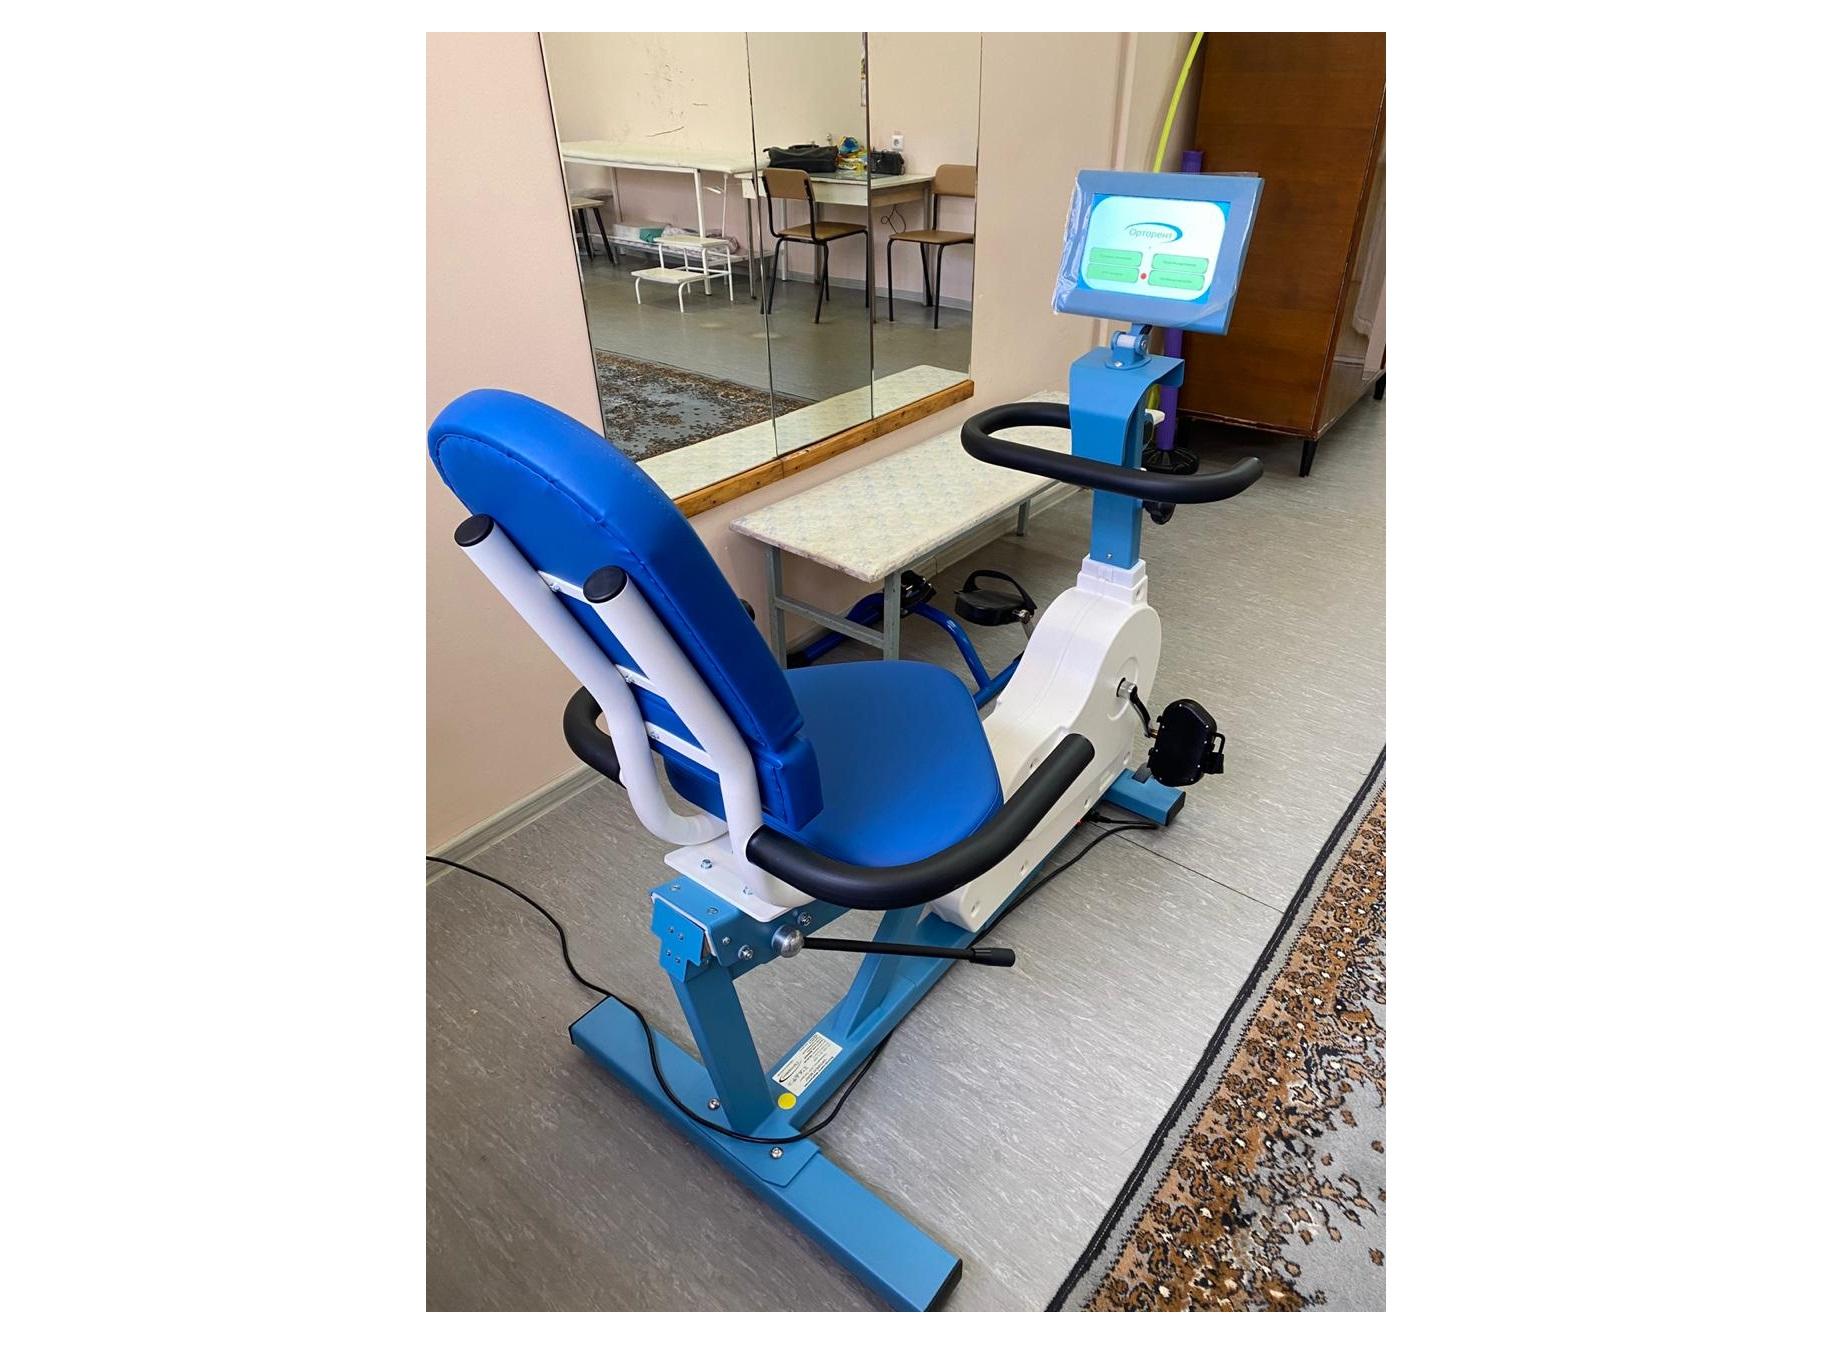 Новое оборудование для оказания медпомощи детям закупили в Ярославской области